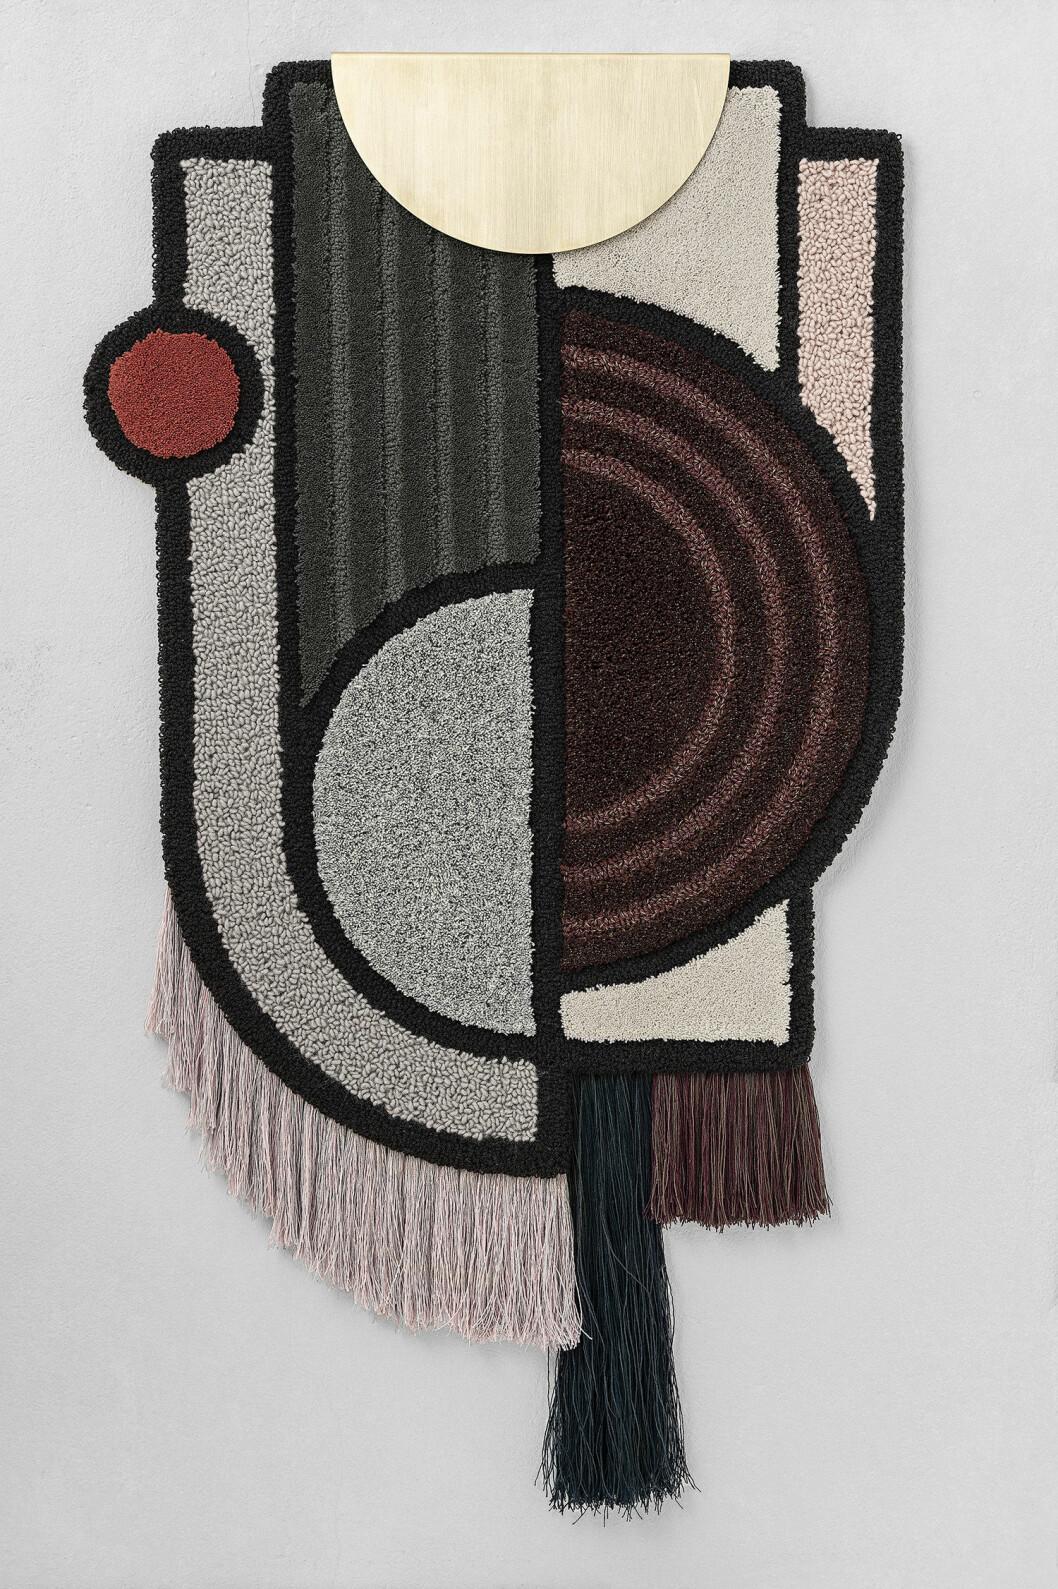 Väggbonad av Lara Bohinc för Kastall